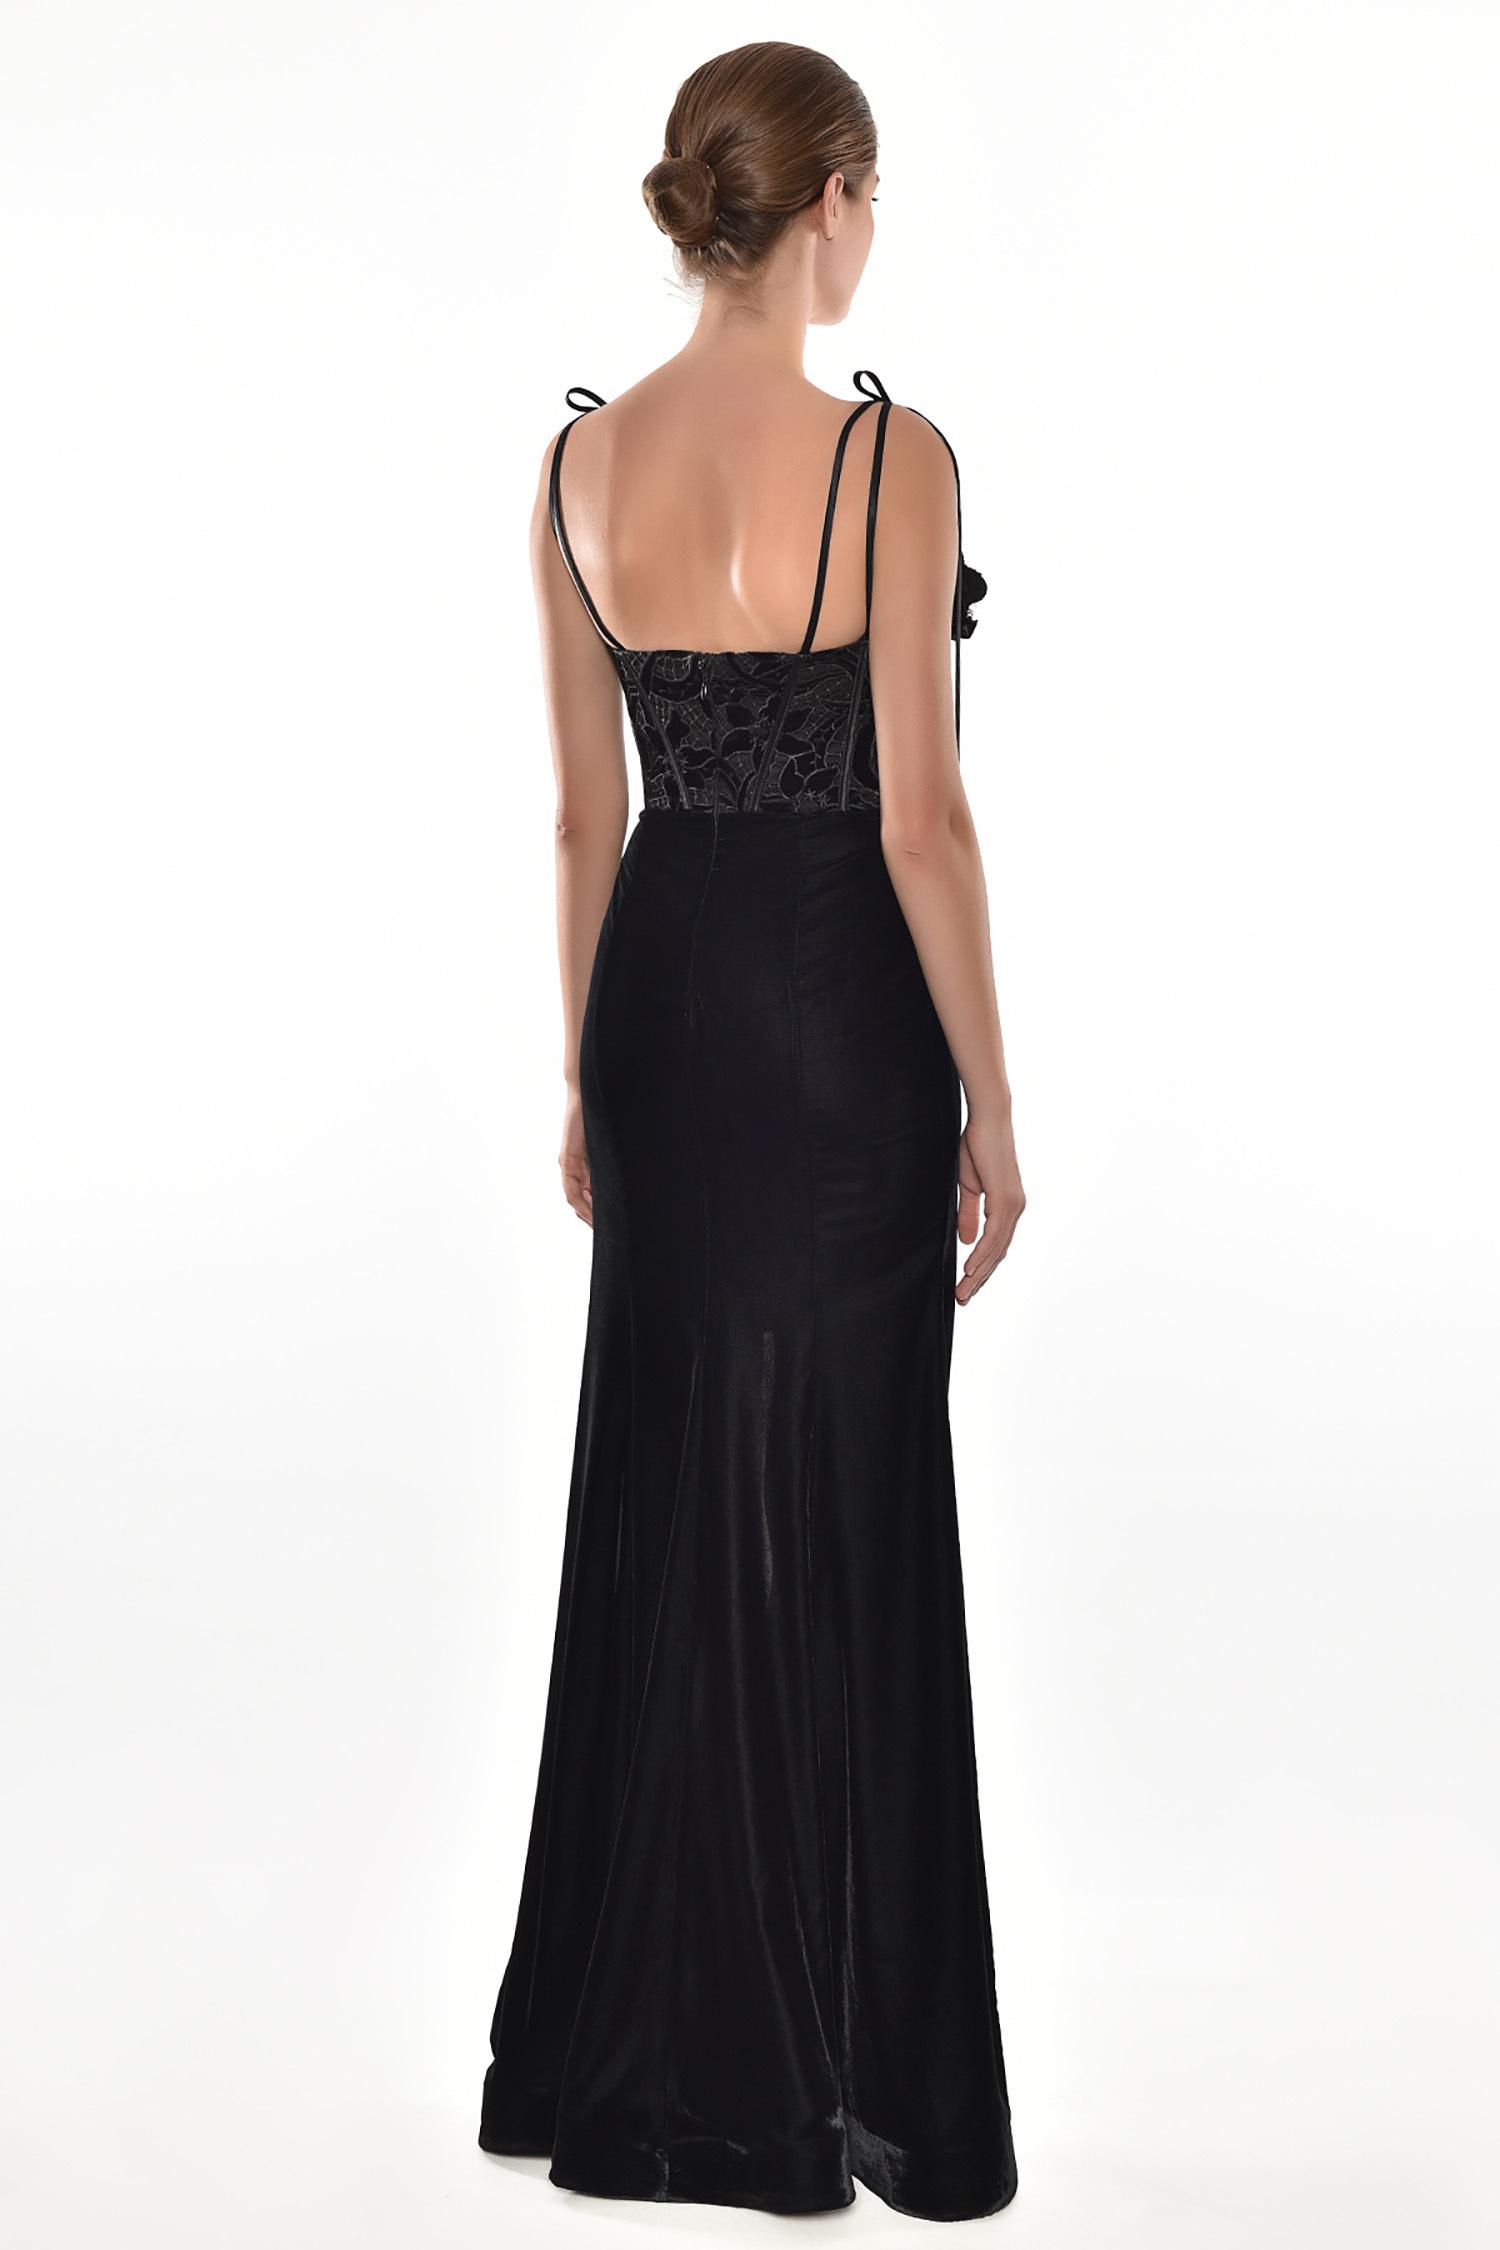 Alfa Beta - Siyah İnce Askılı Güpürlü Kadife Etekli Uzun Elbise (1)